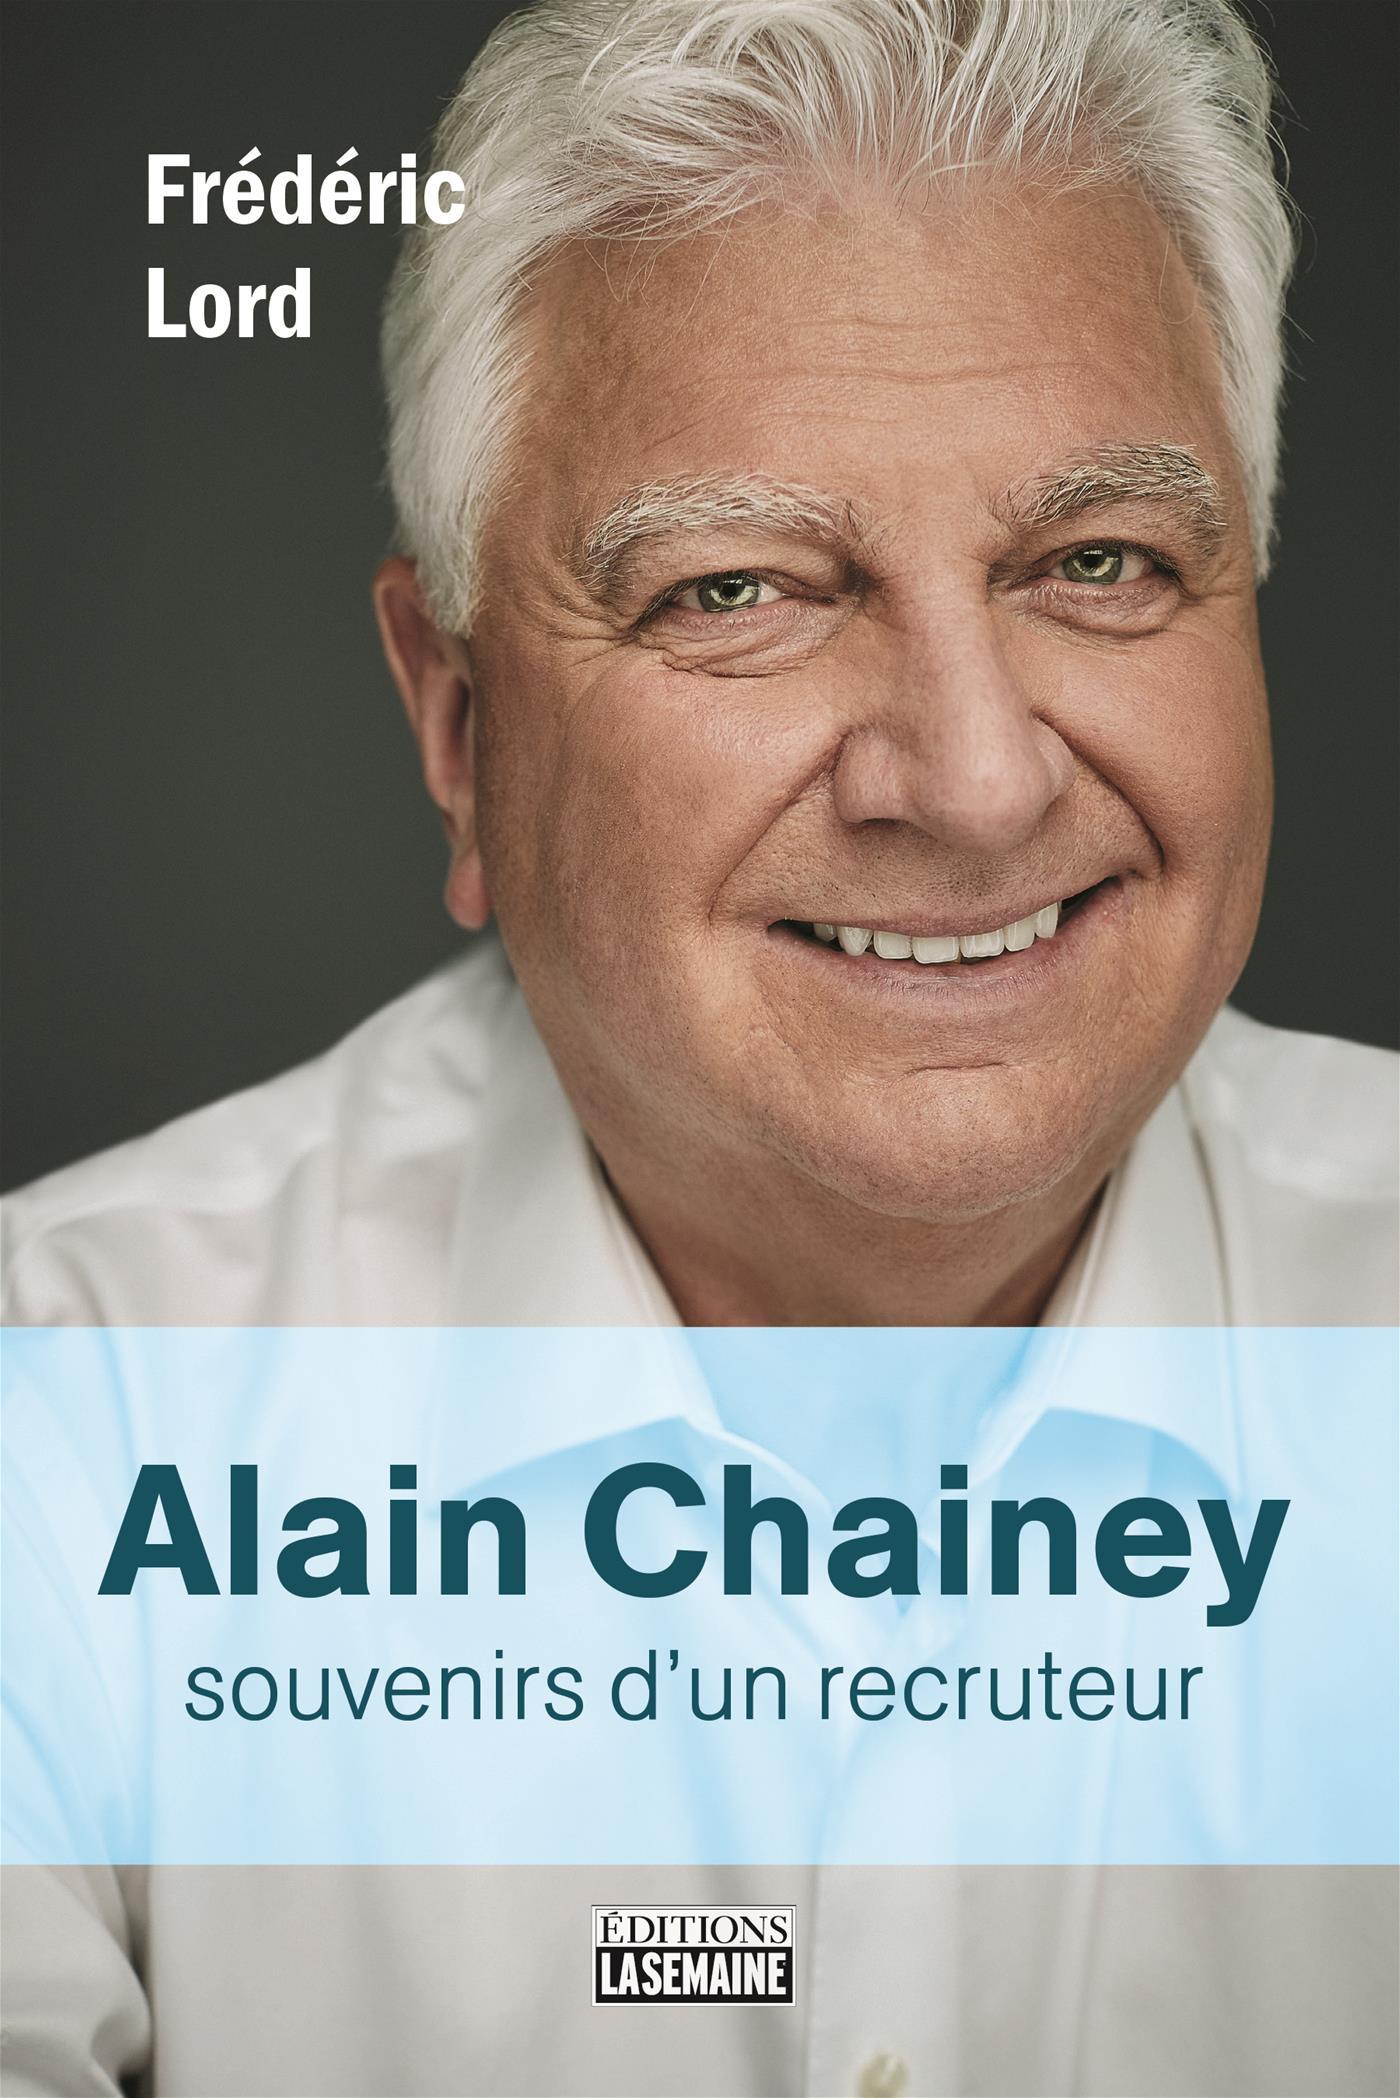 Alain Chainey, souvenirs d'un recruteur